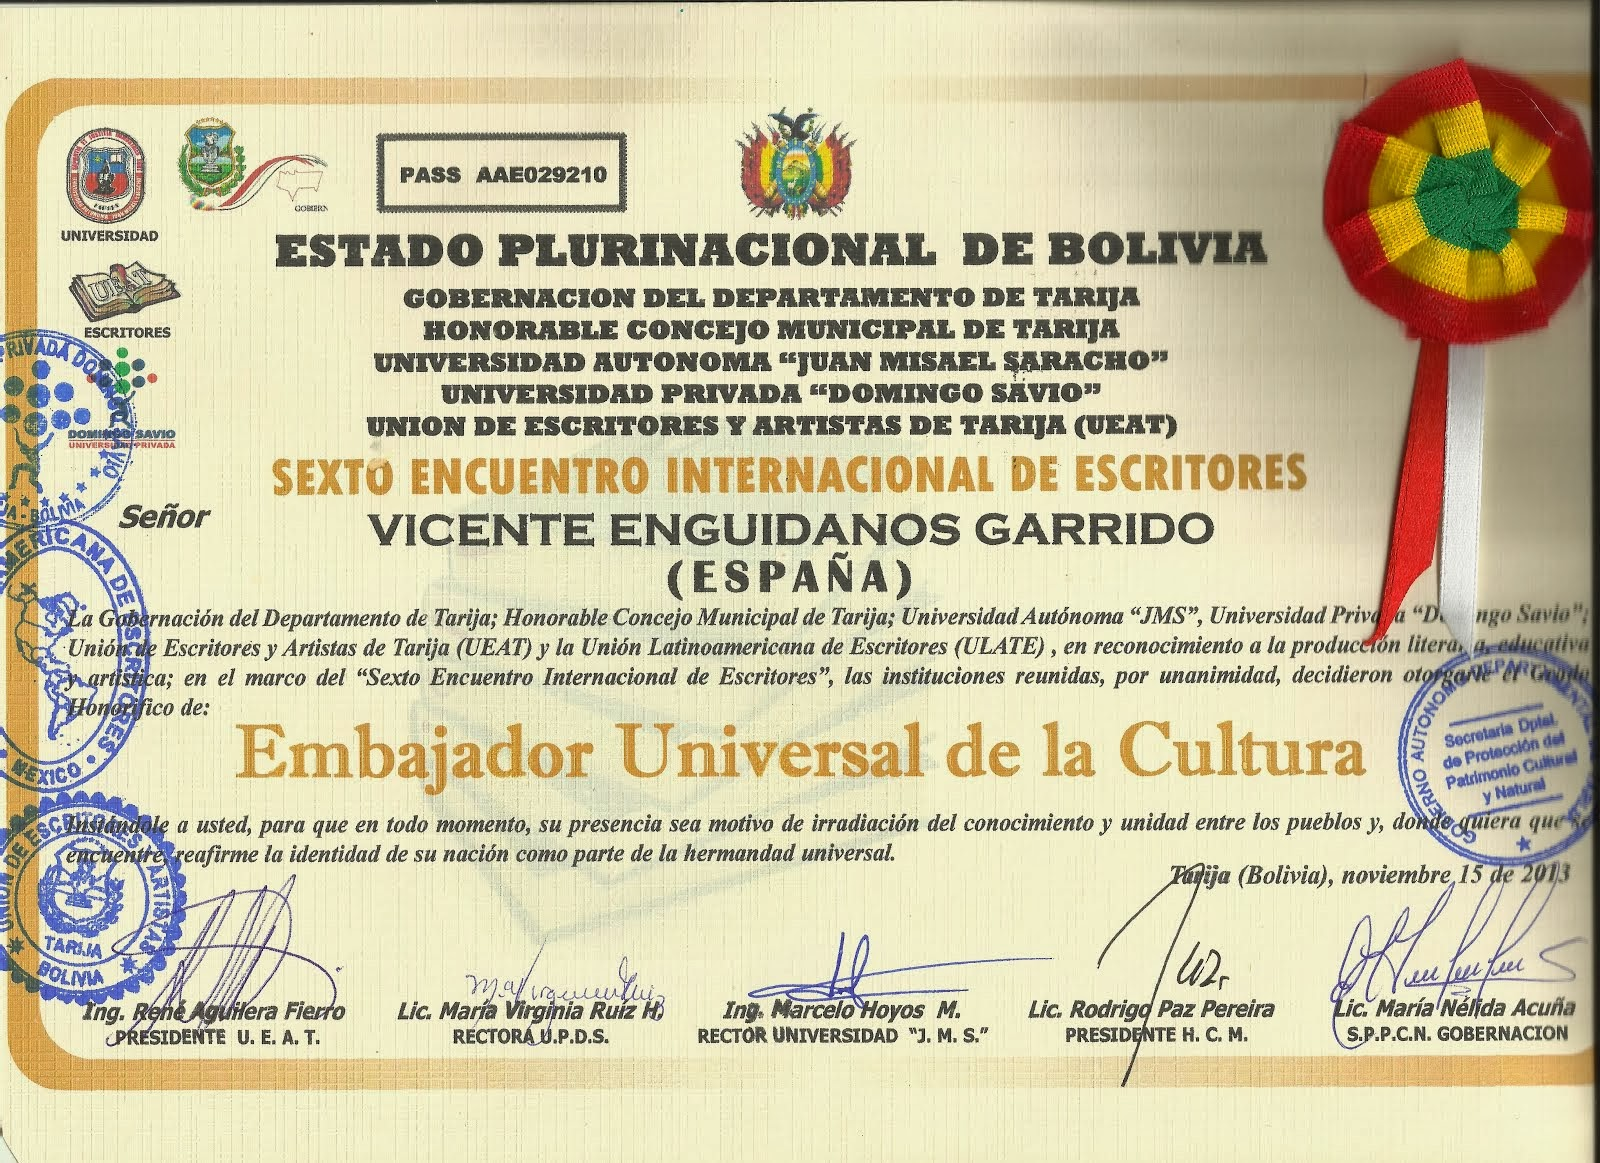 EMBAJADOR UNIVERSAL DE LA CULTURA